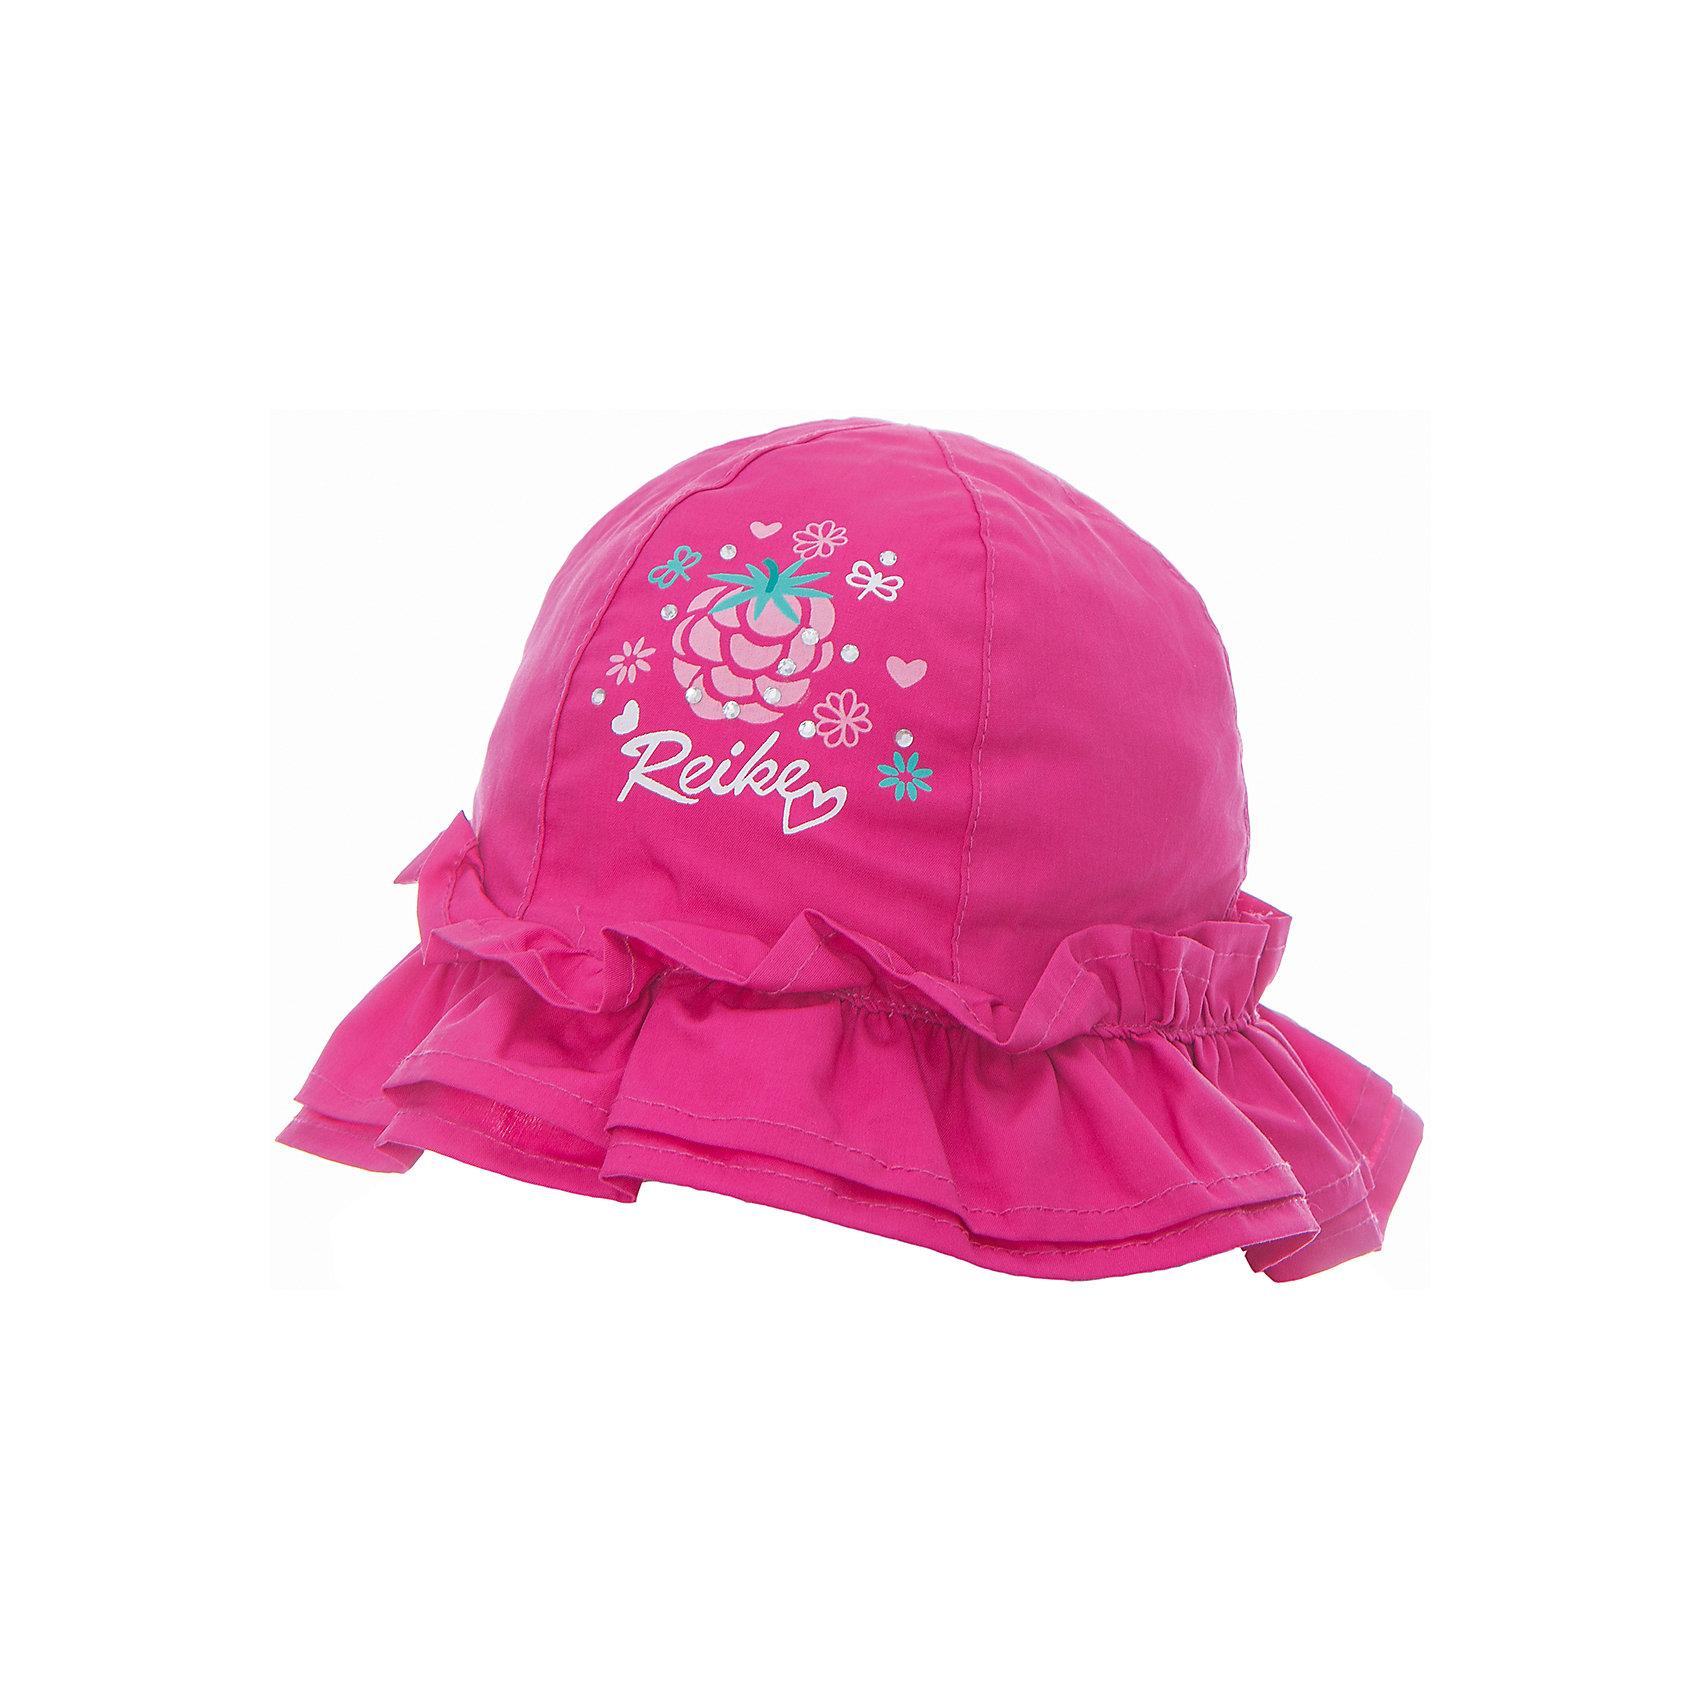 Панама Reike для девочкиШапочки<br>Характеристики товара:<br><br>• цвет: фуксия<br>• состав: 100% хлопок<br>• декорирована принтом и оборками<br>• мягкий материал<br>• страна бренда: Финляндия<br><br>Новая коллекция от известного финского производителя Reike отличается ярким дизайном, продуманностью и комфортом! Эта модель разработана специально для детей - она учитывает особенности их физиологии, а также новые тенденции в европейской моде. Стильная и удобная вещь!<br><br>Панаму для девочки от популярного бренда Reike можно купить в нашем интернет-магазине.<br><br>Ширина мм: 89<br>Глубина мм: 117<br>Высота мм: 44<br>Вес г: 155<br>Цвет: фуксия<br>Возраст от месяцев: 6<br>Возраст до месяцев: 9<br>Пол: Женский<br>Возраст: Детский<br>Размер: 46,50,48<br>SKU: 5430524